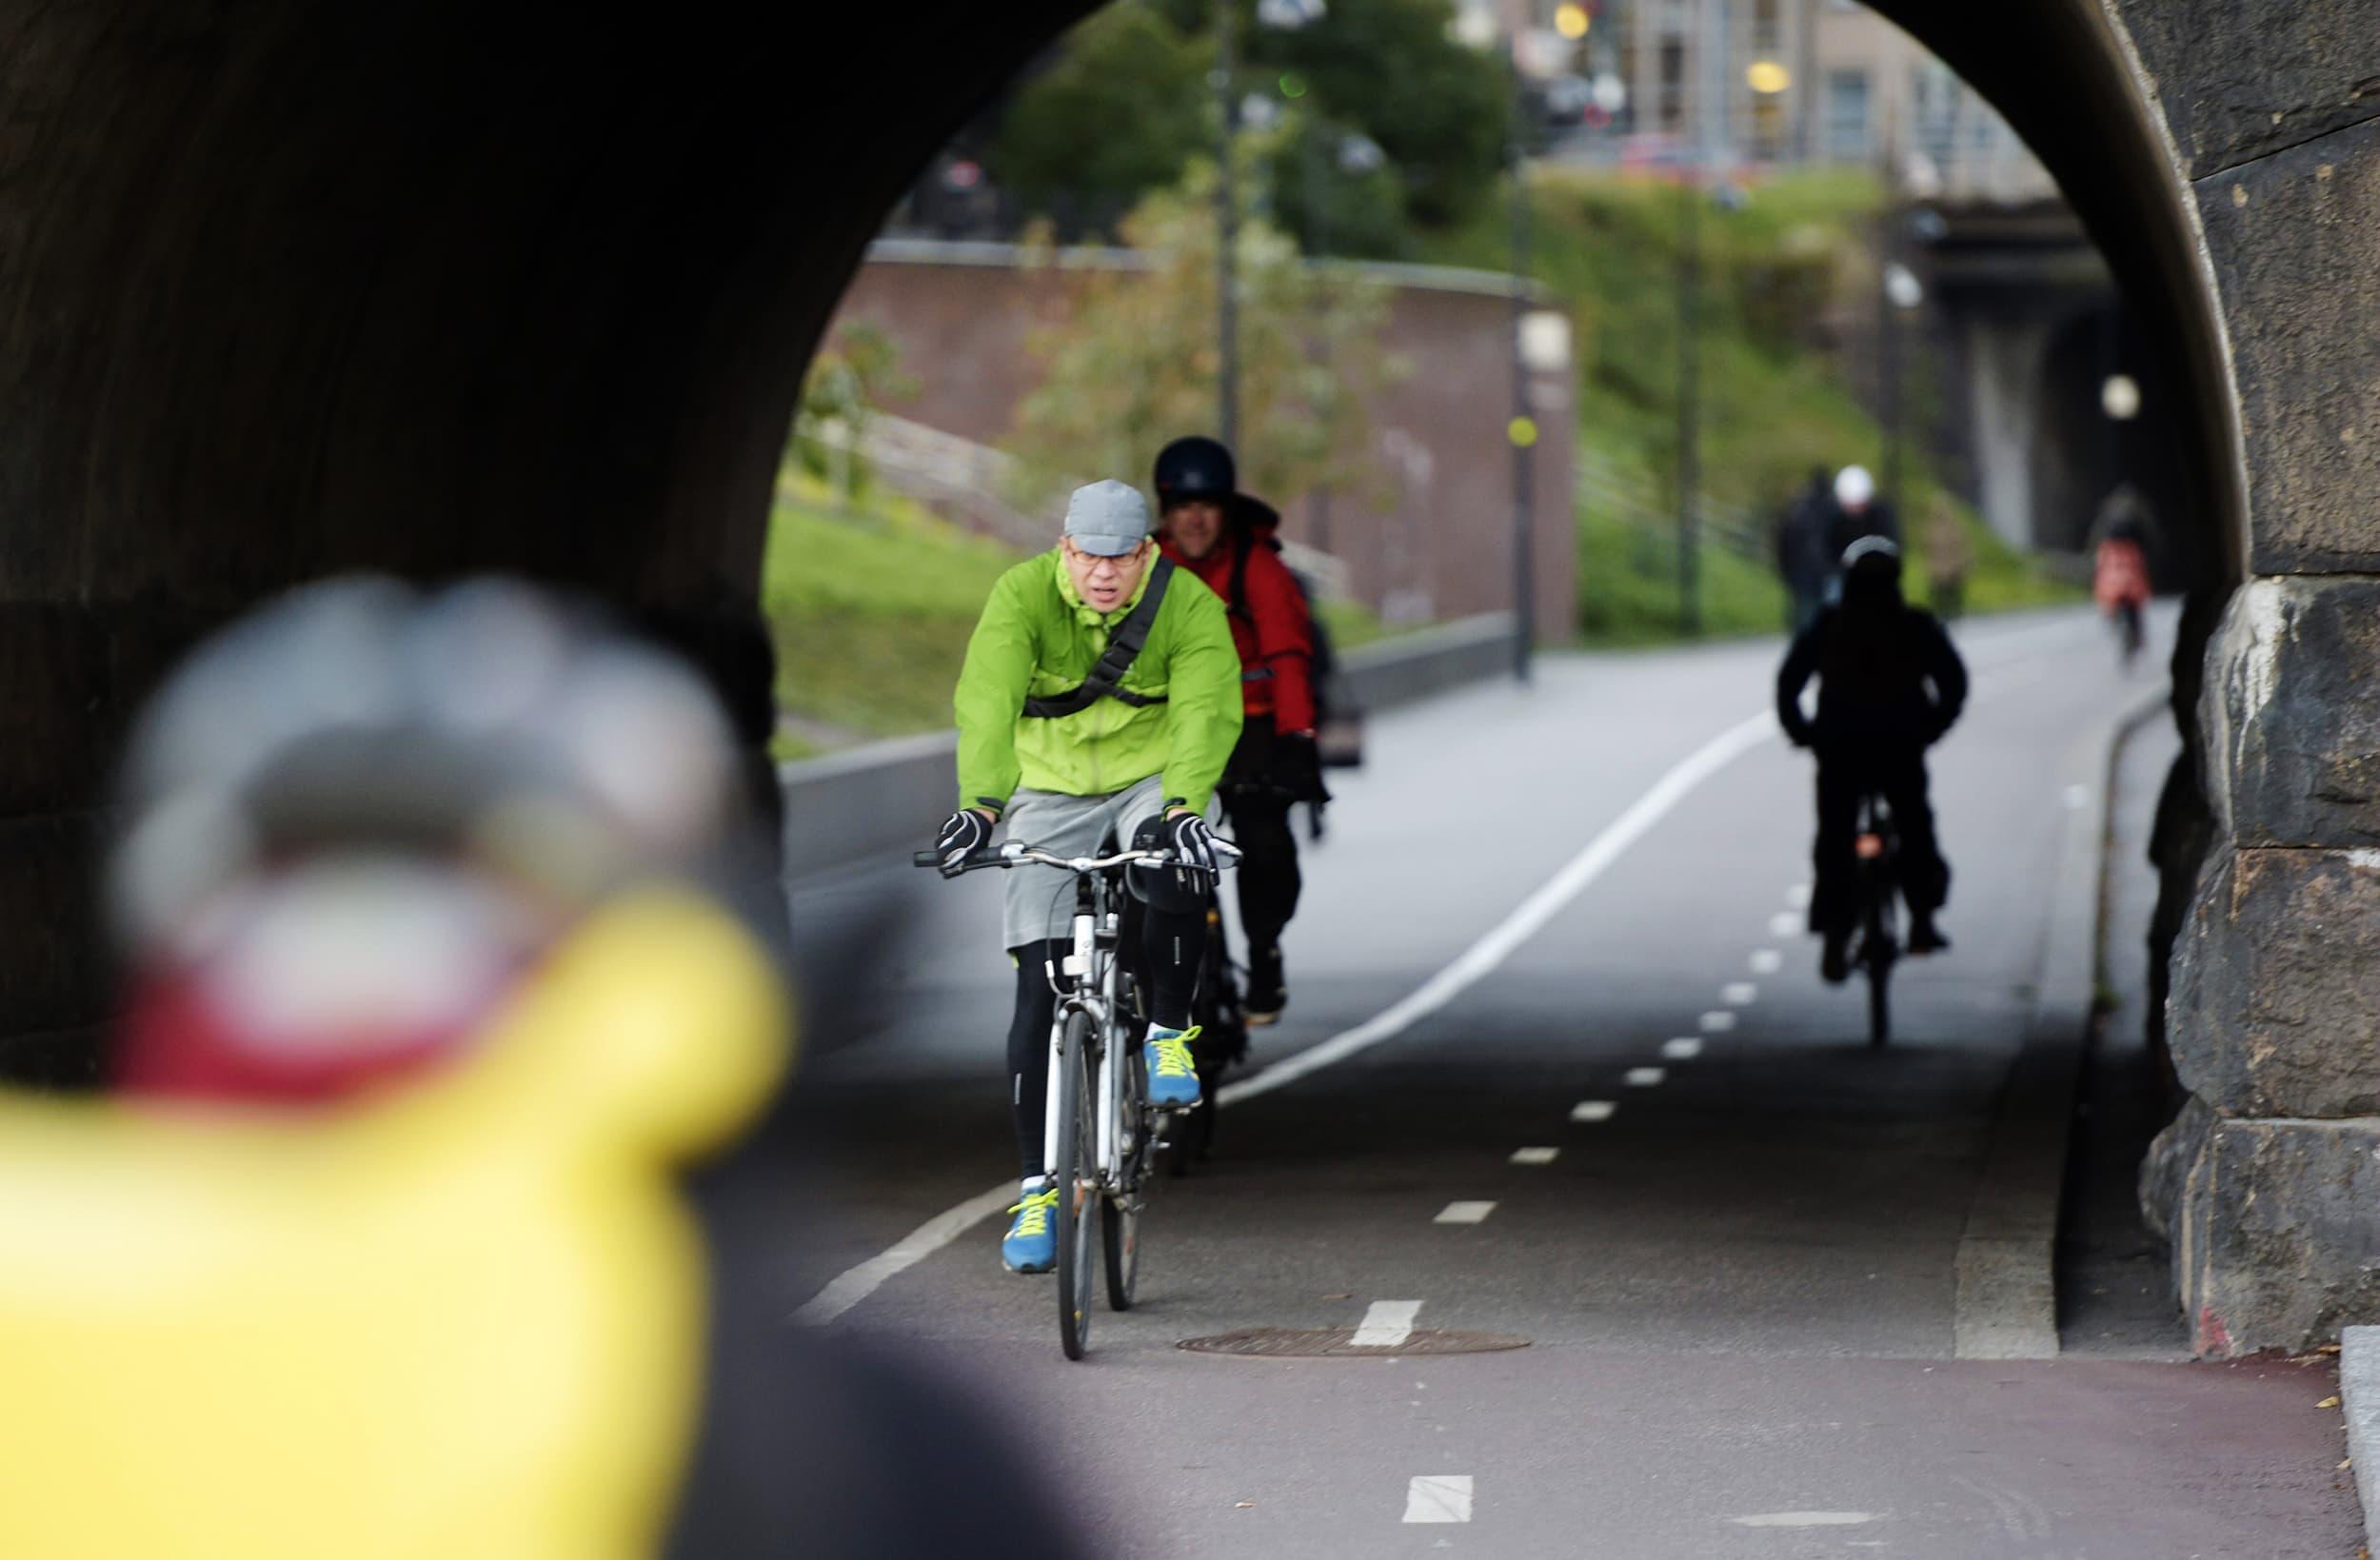 Pyöräilijöitä kevyen liikenteen väylä Baanalla Helsingissä lokakuussa 2015.